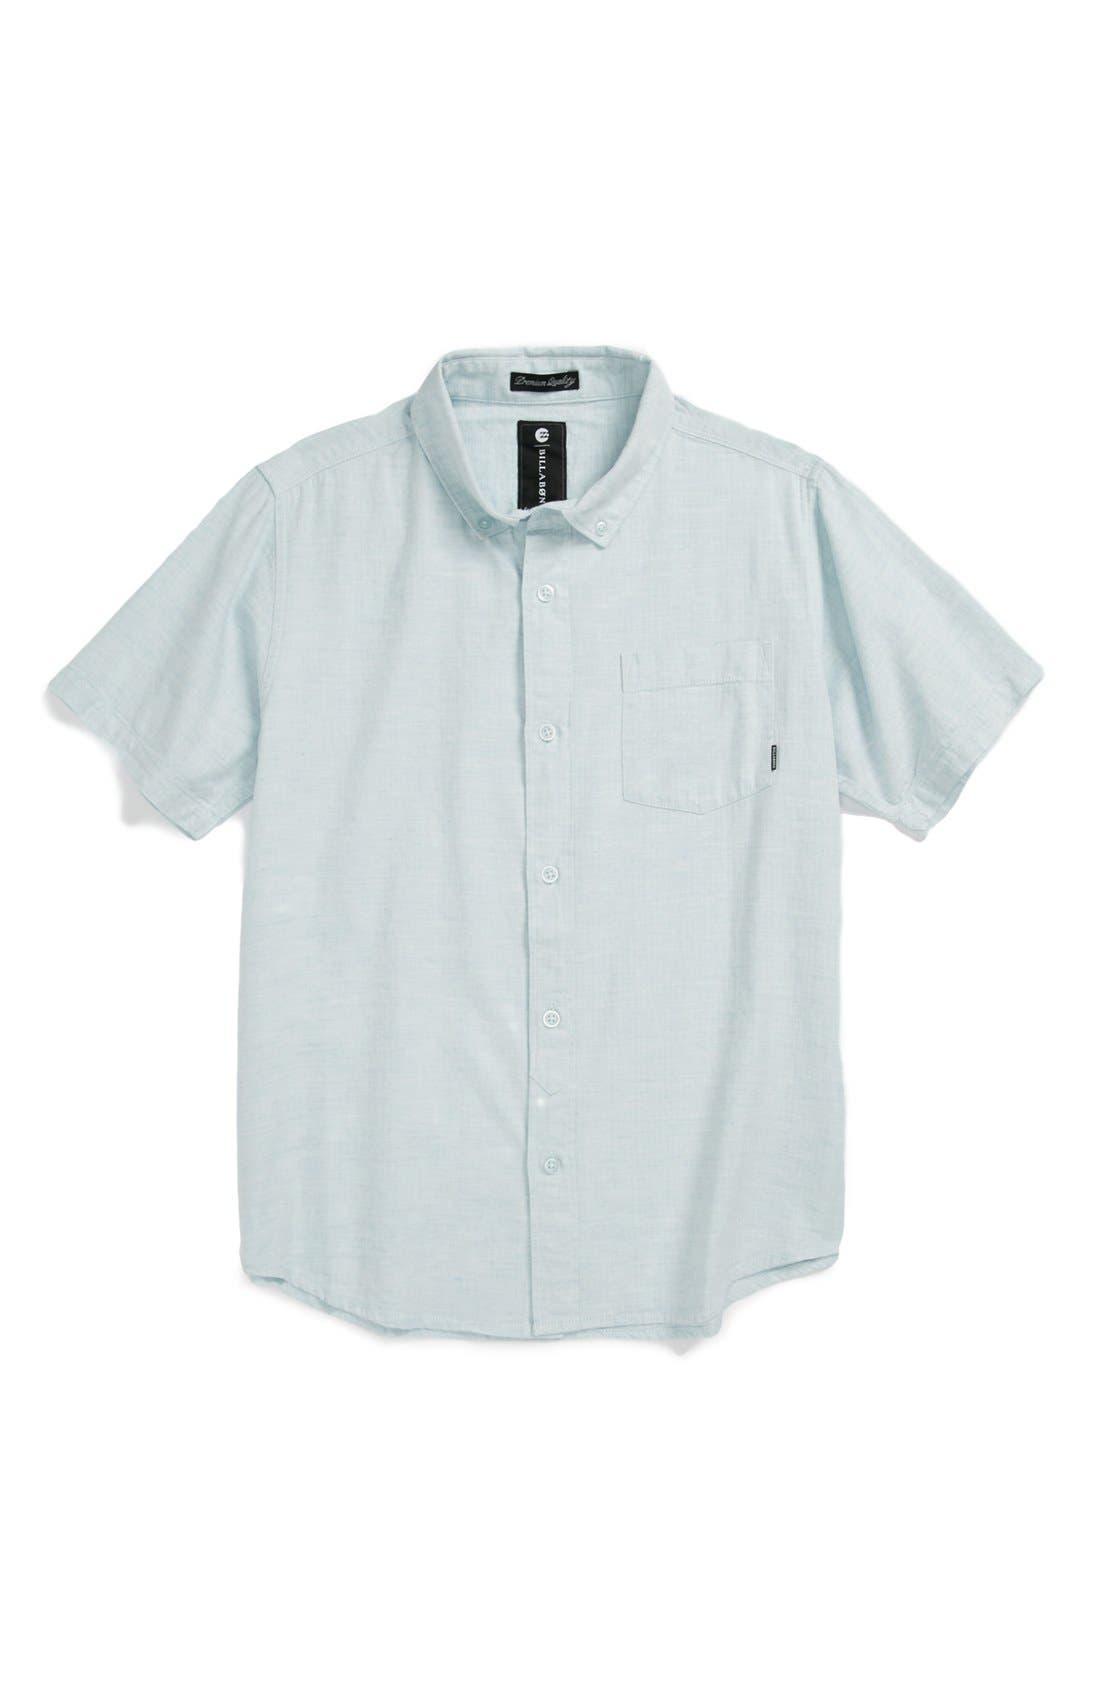 Main Image - Billabong 'All Day' Chambray Shirt (Big Boys)